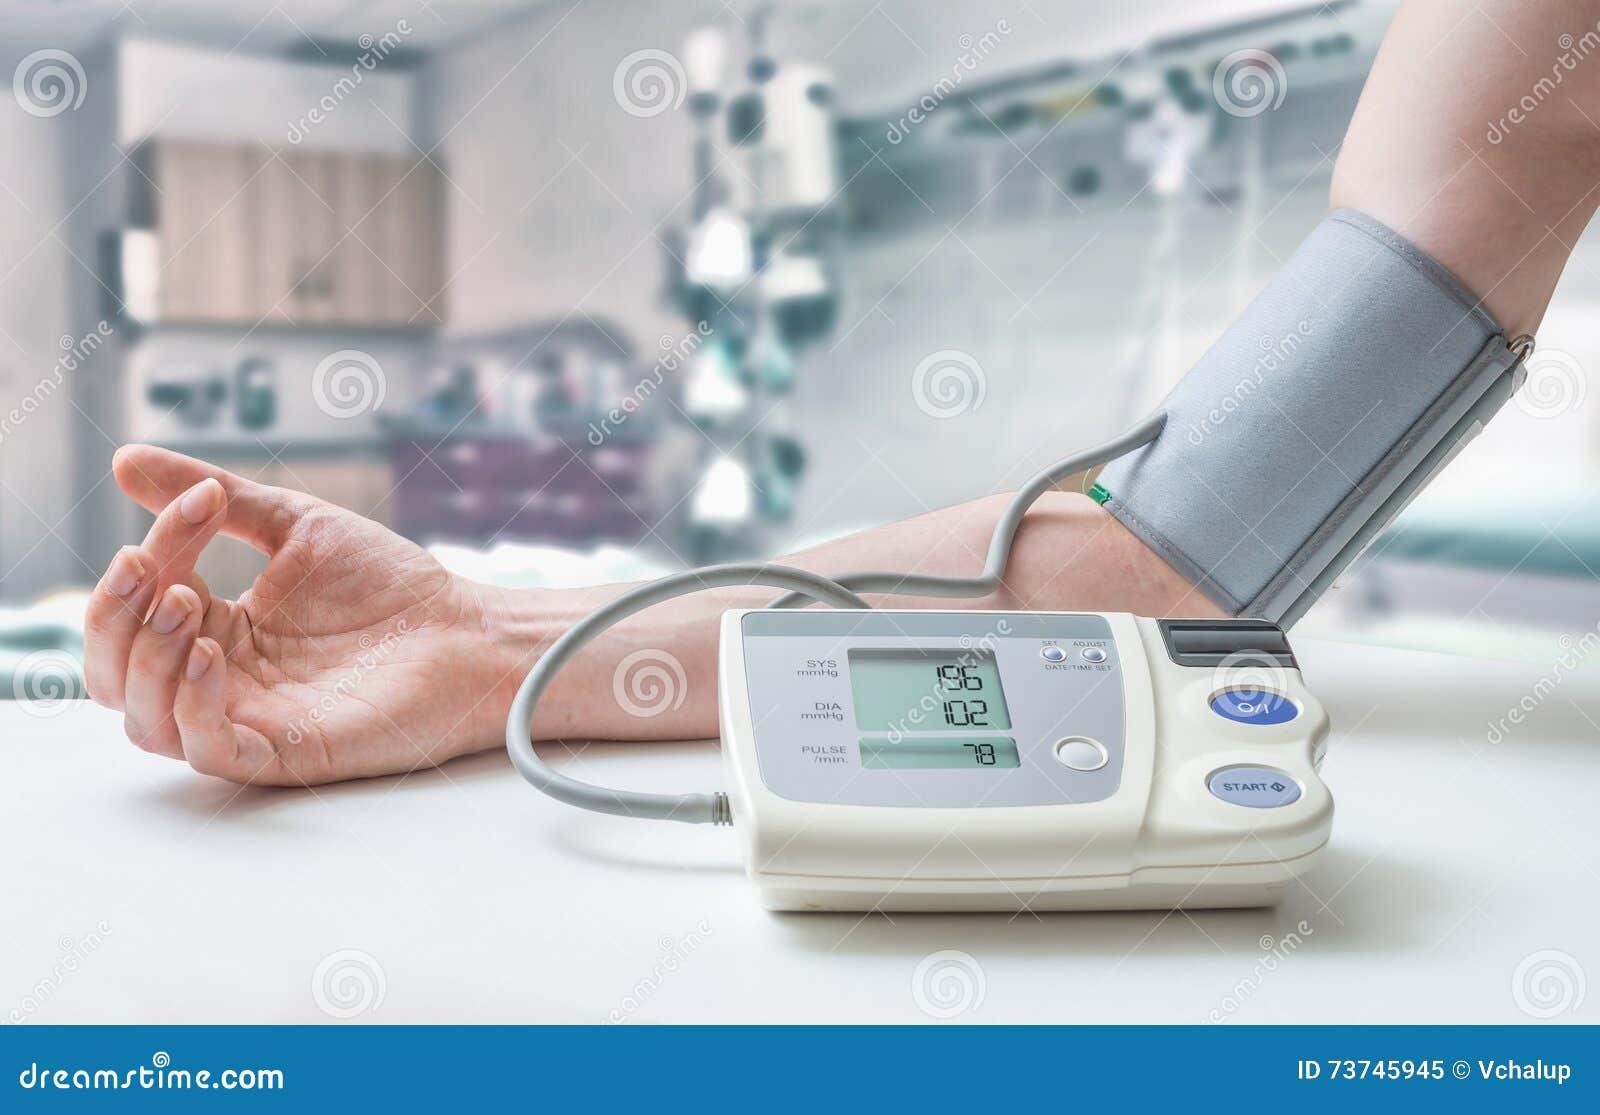 Concetto Di Ipertensione L'uomo Sta Misurando La Pressione..